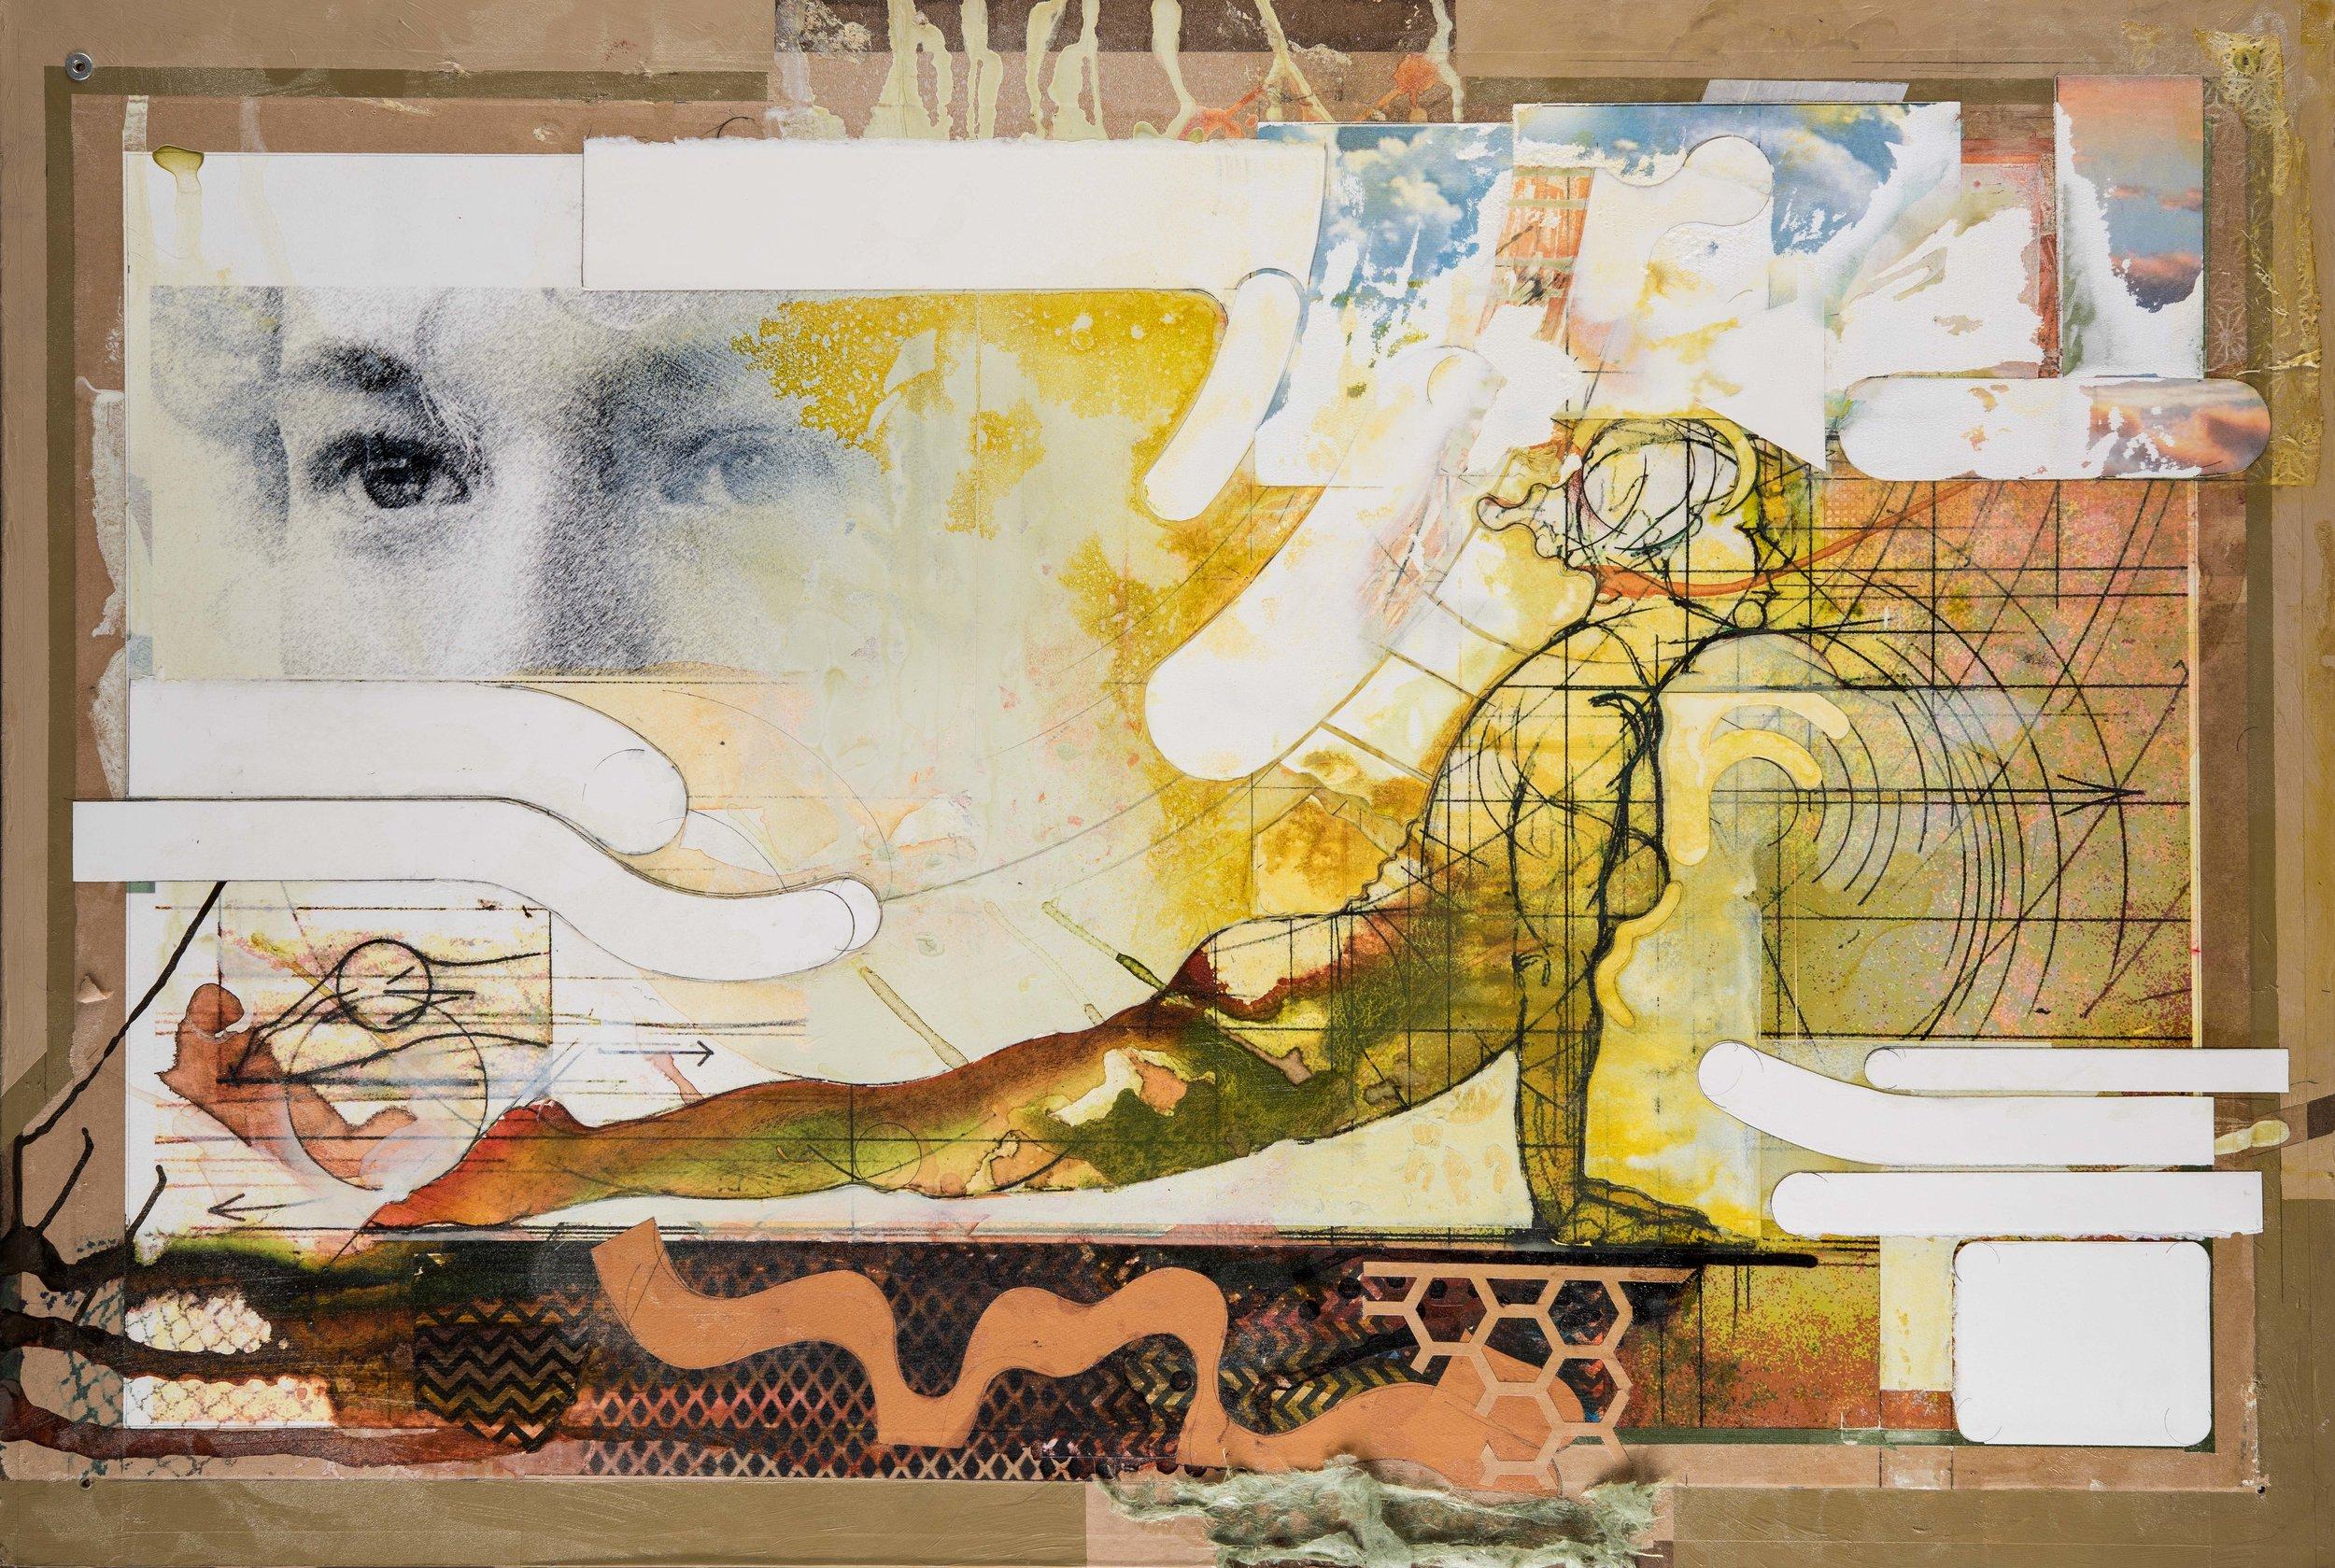 A Painter's Yoga Journey — 3/27/17 - Bob Bosco: A Painter's Yoga Journey